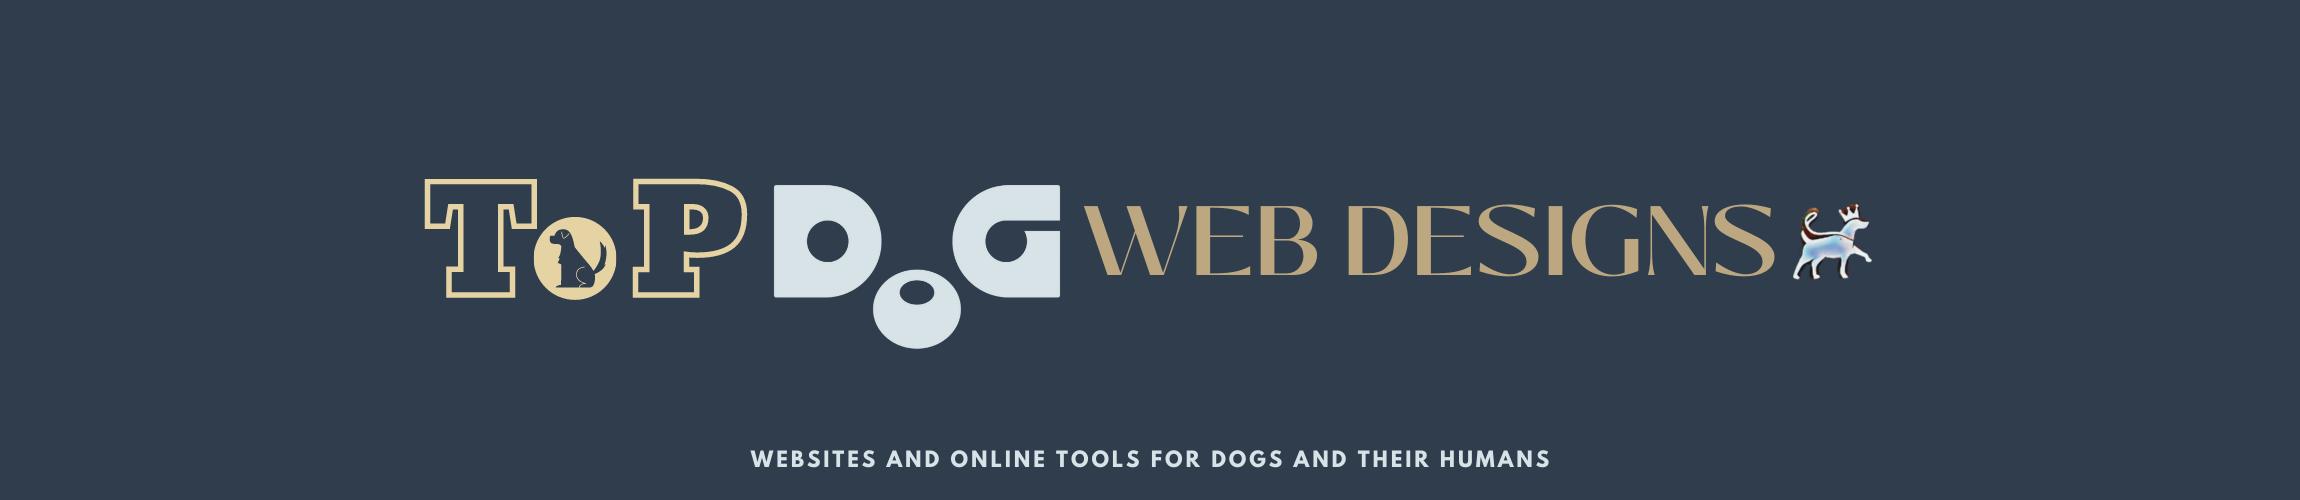 TopDogWebDesigns.com